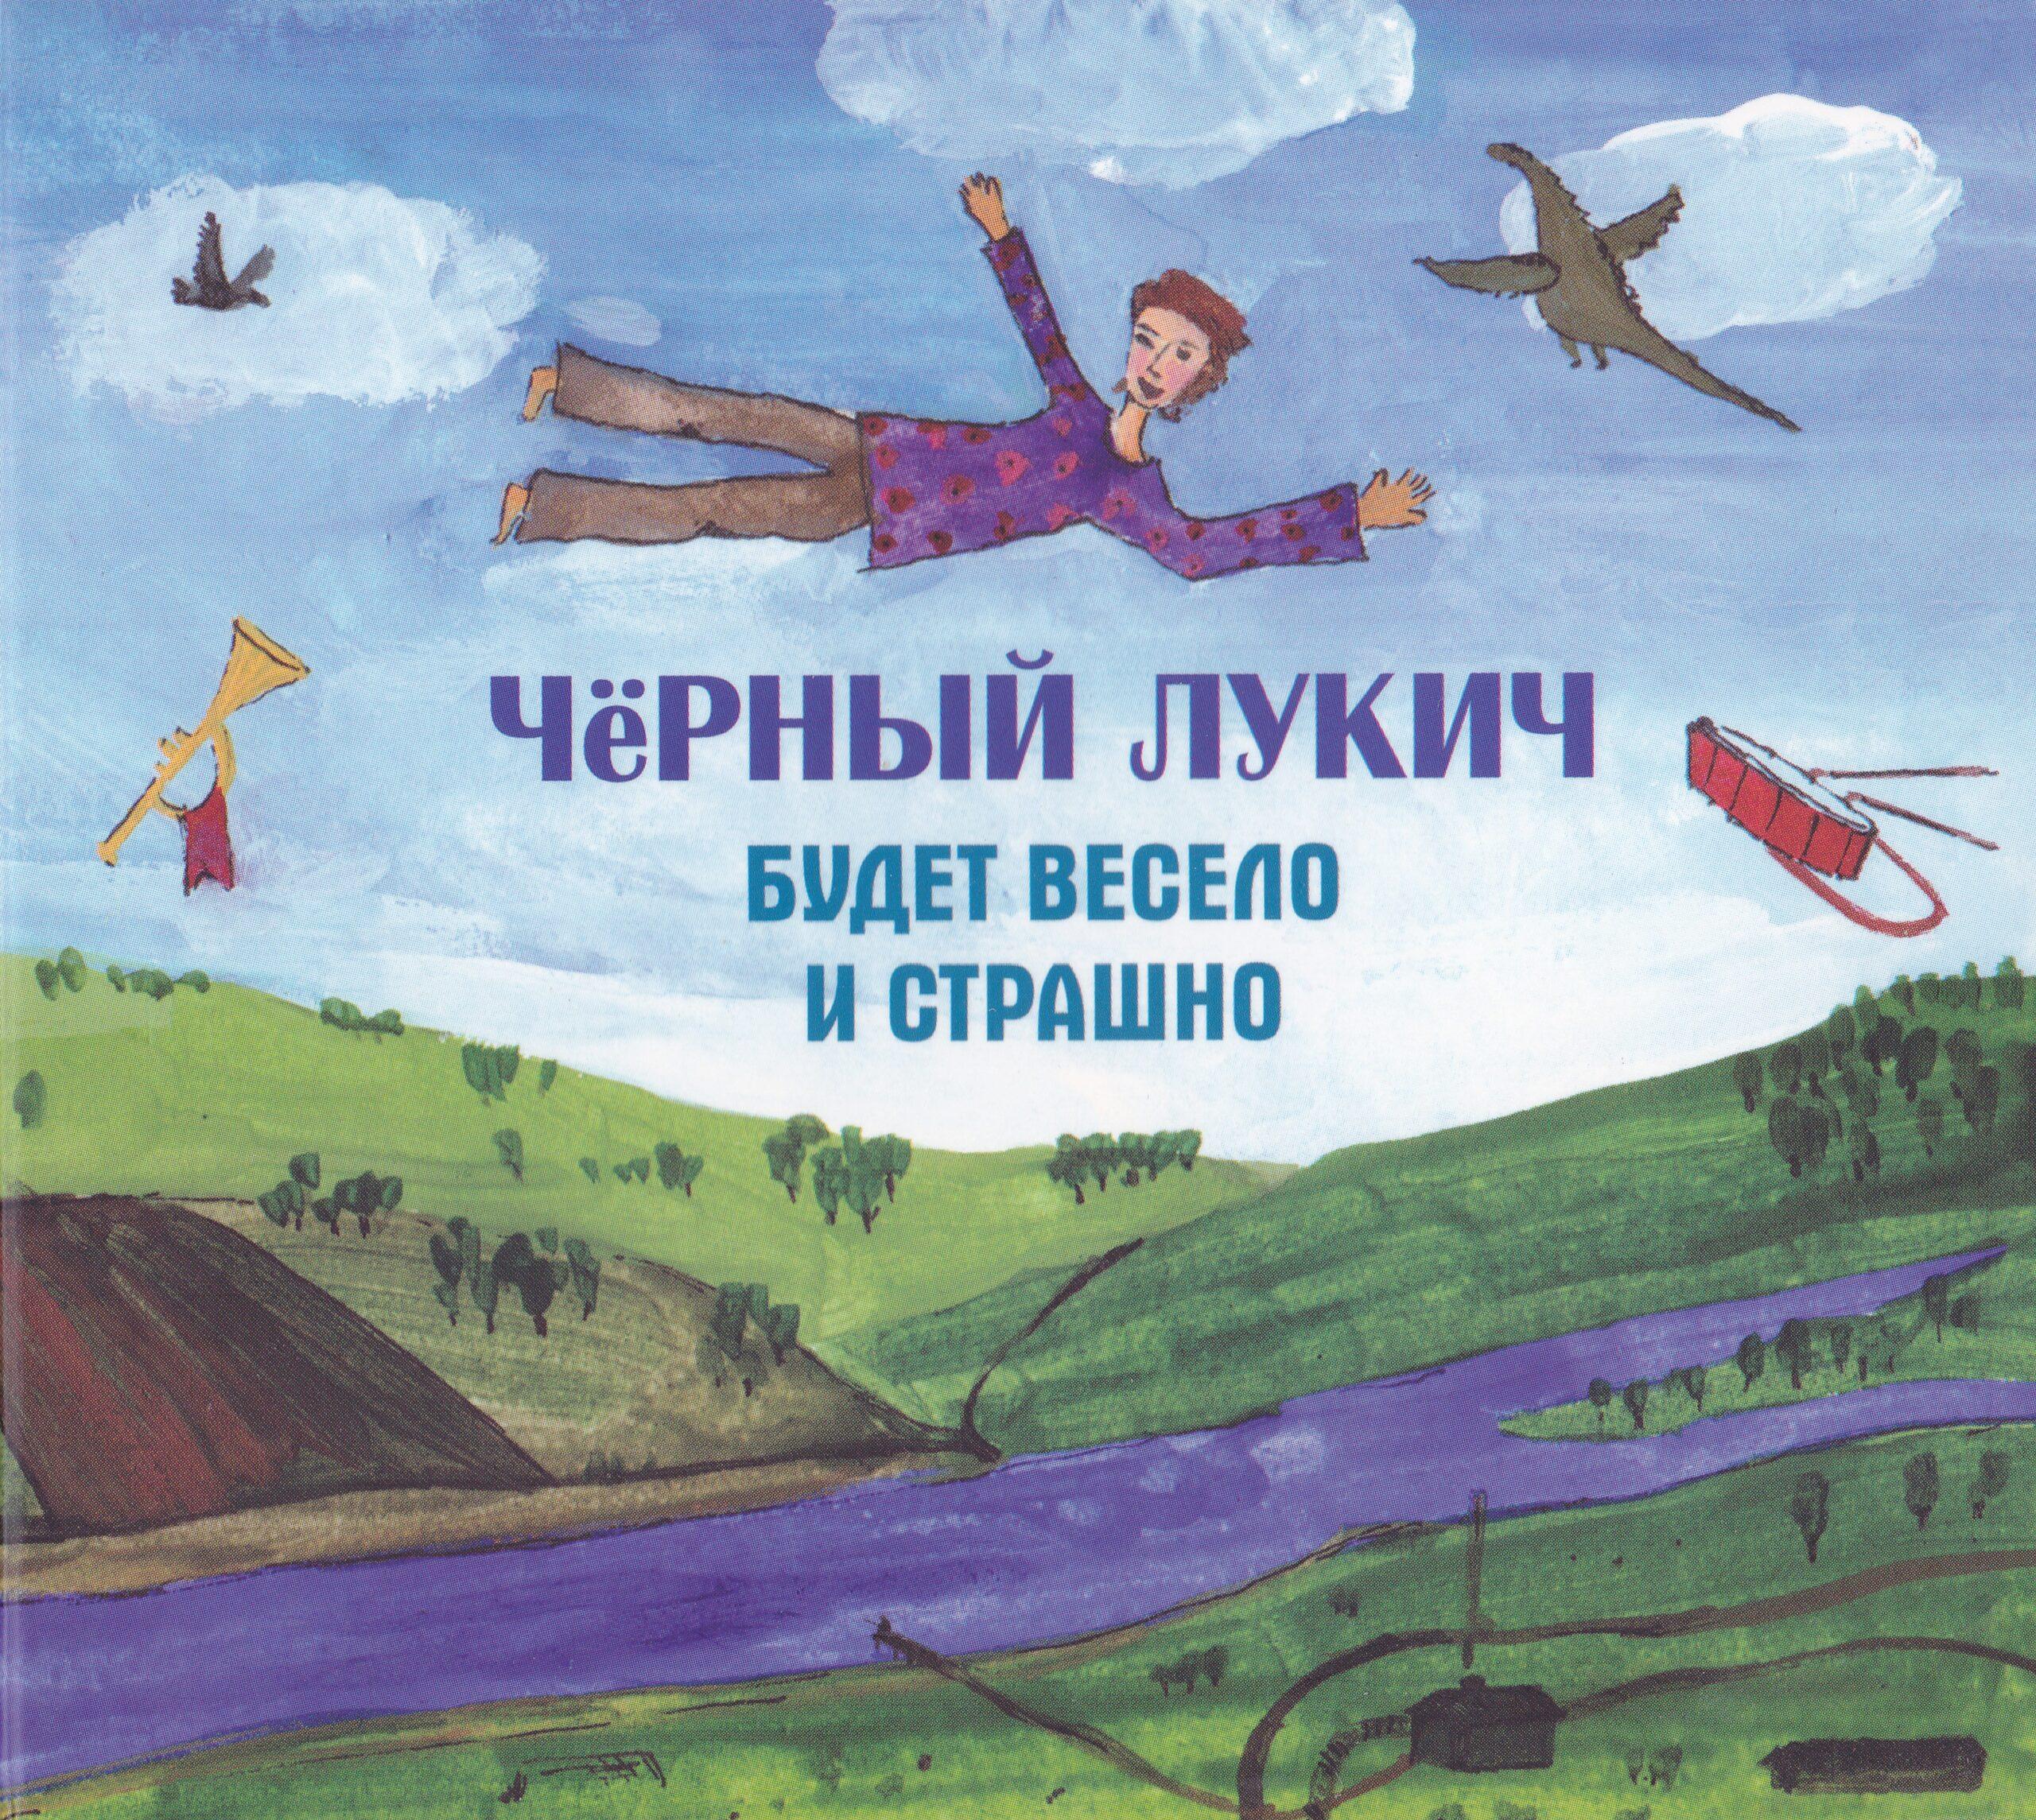 Чёрный Лукич — Будет Весело И Страшно (1996)